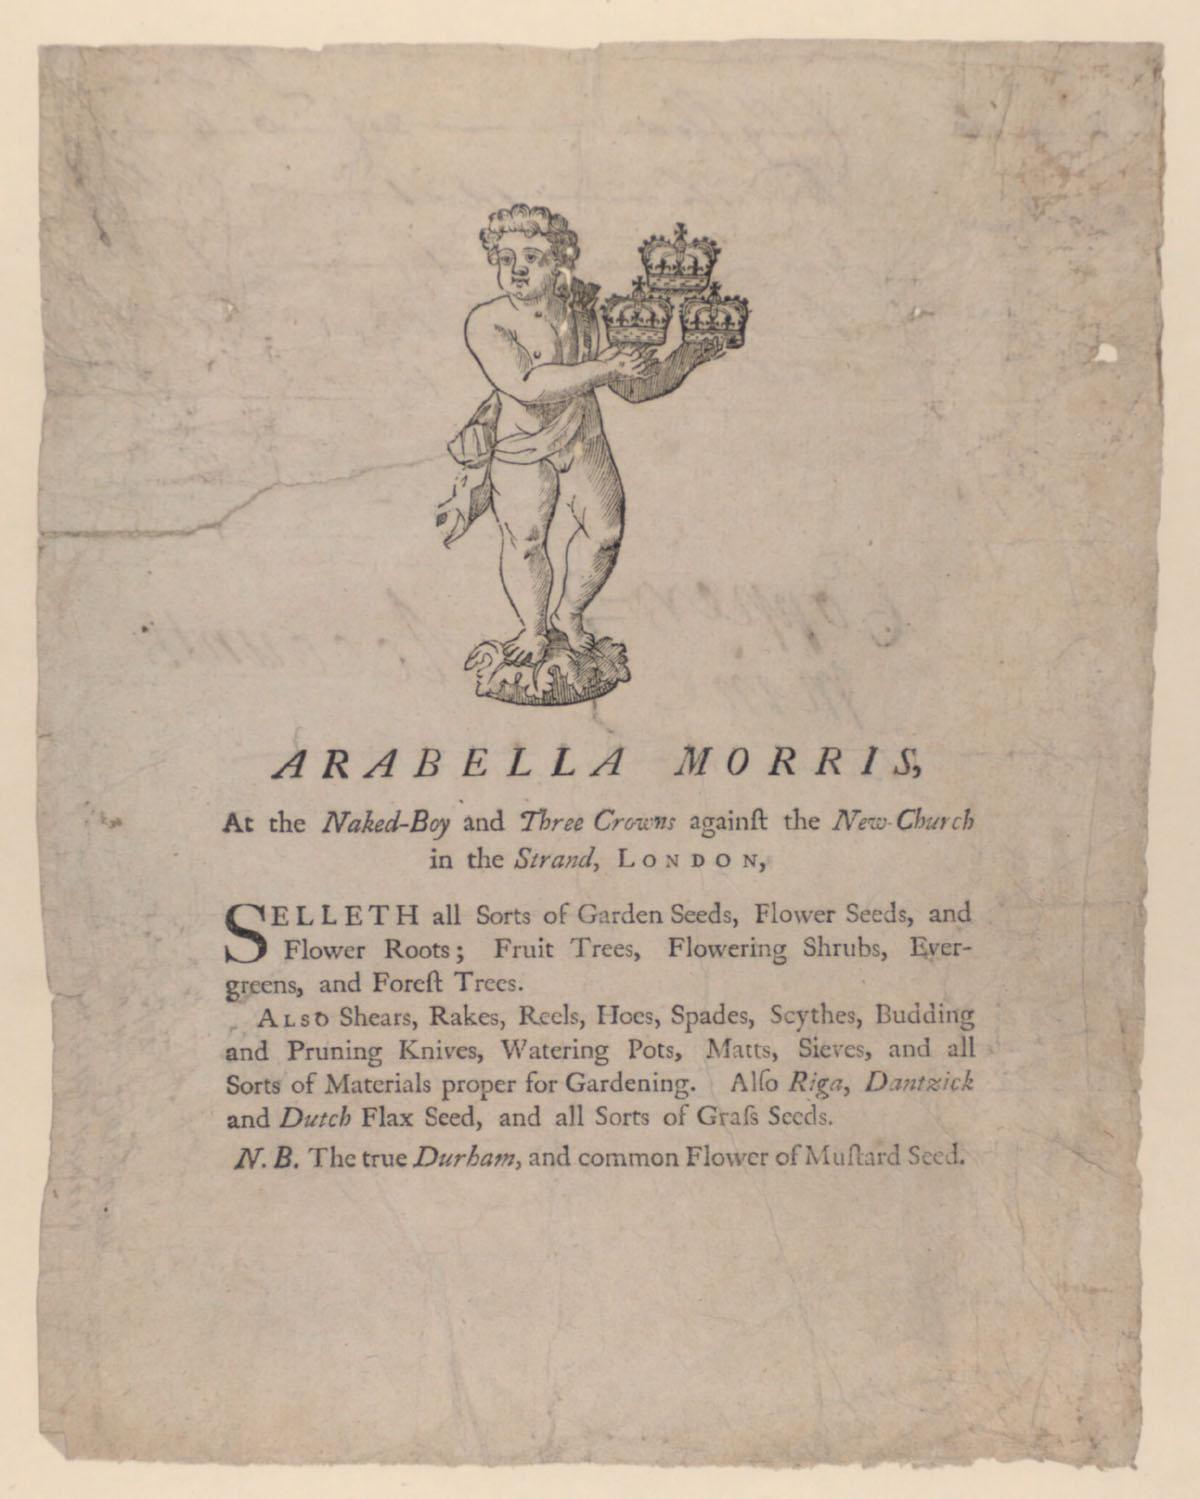 Trade card of Arabella Morris, 1748.